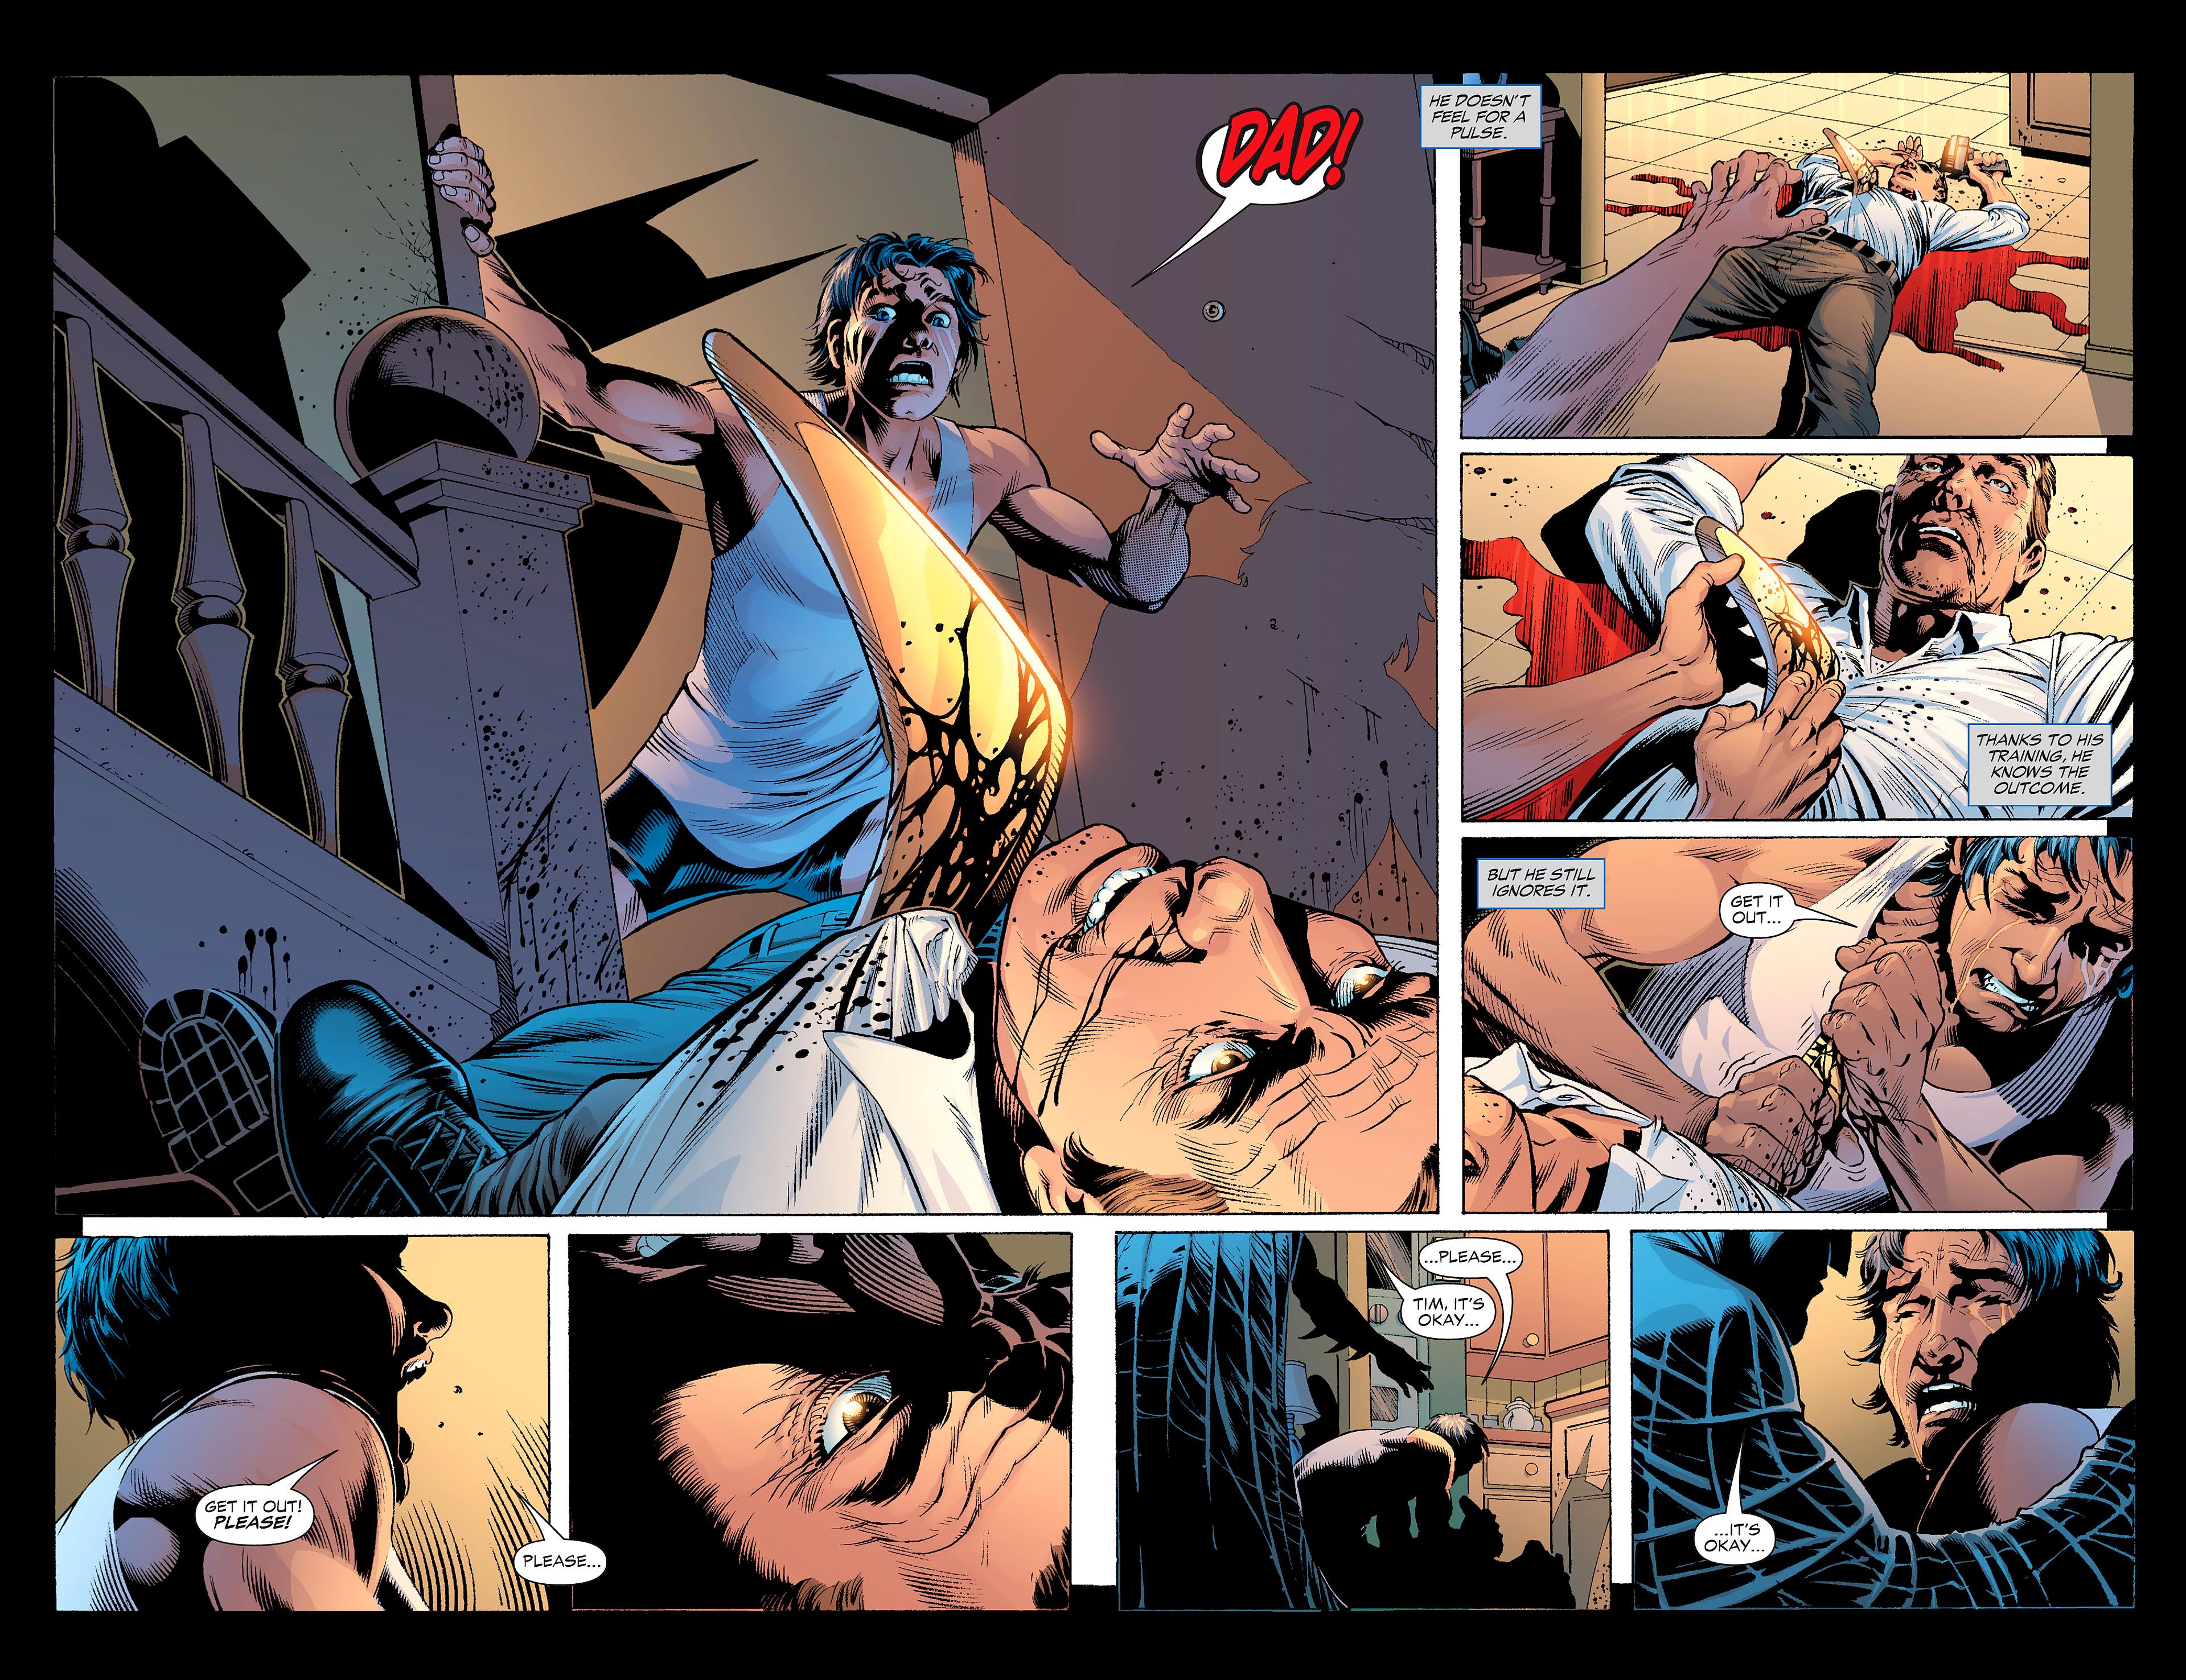 Psychology of Bruce Wayne B5K4nTYnuG7aWD2Wz-iMLDt3tz8irR8hmvc4lPz3VNvhidwRaO82TvIyFkL79N9P6xuXZc4V05d5=s0